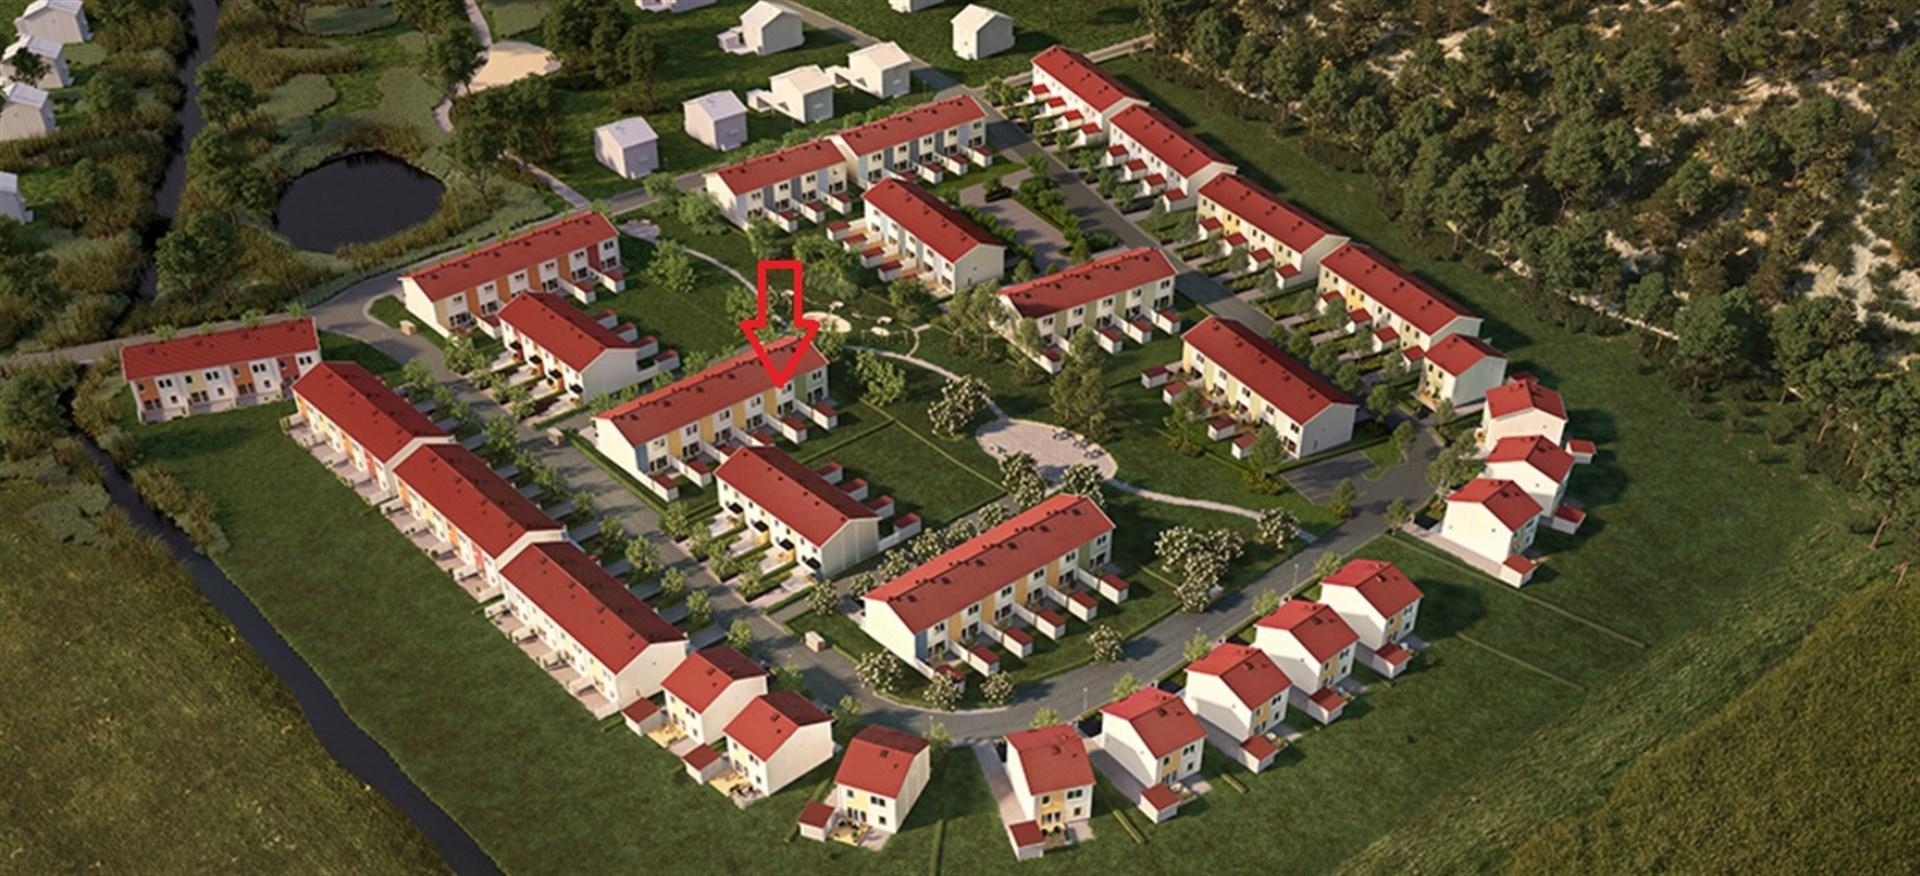 Bostadens placering, se pil